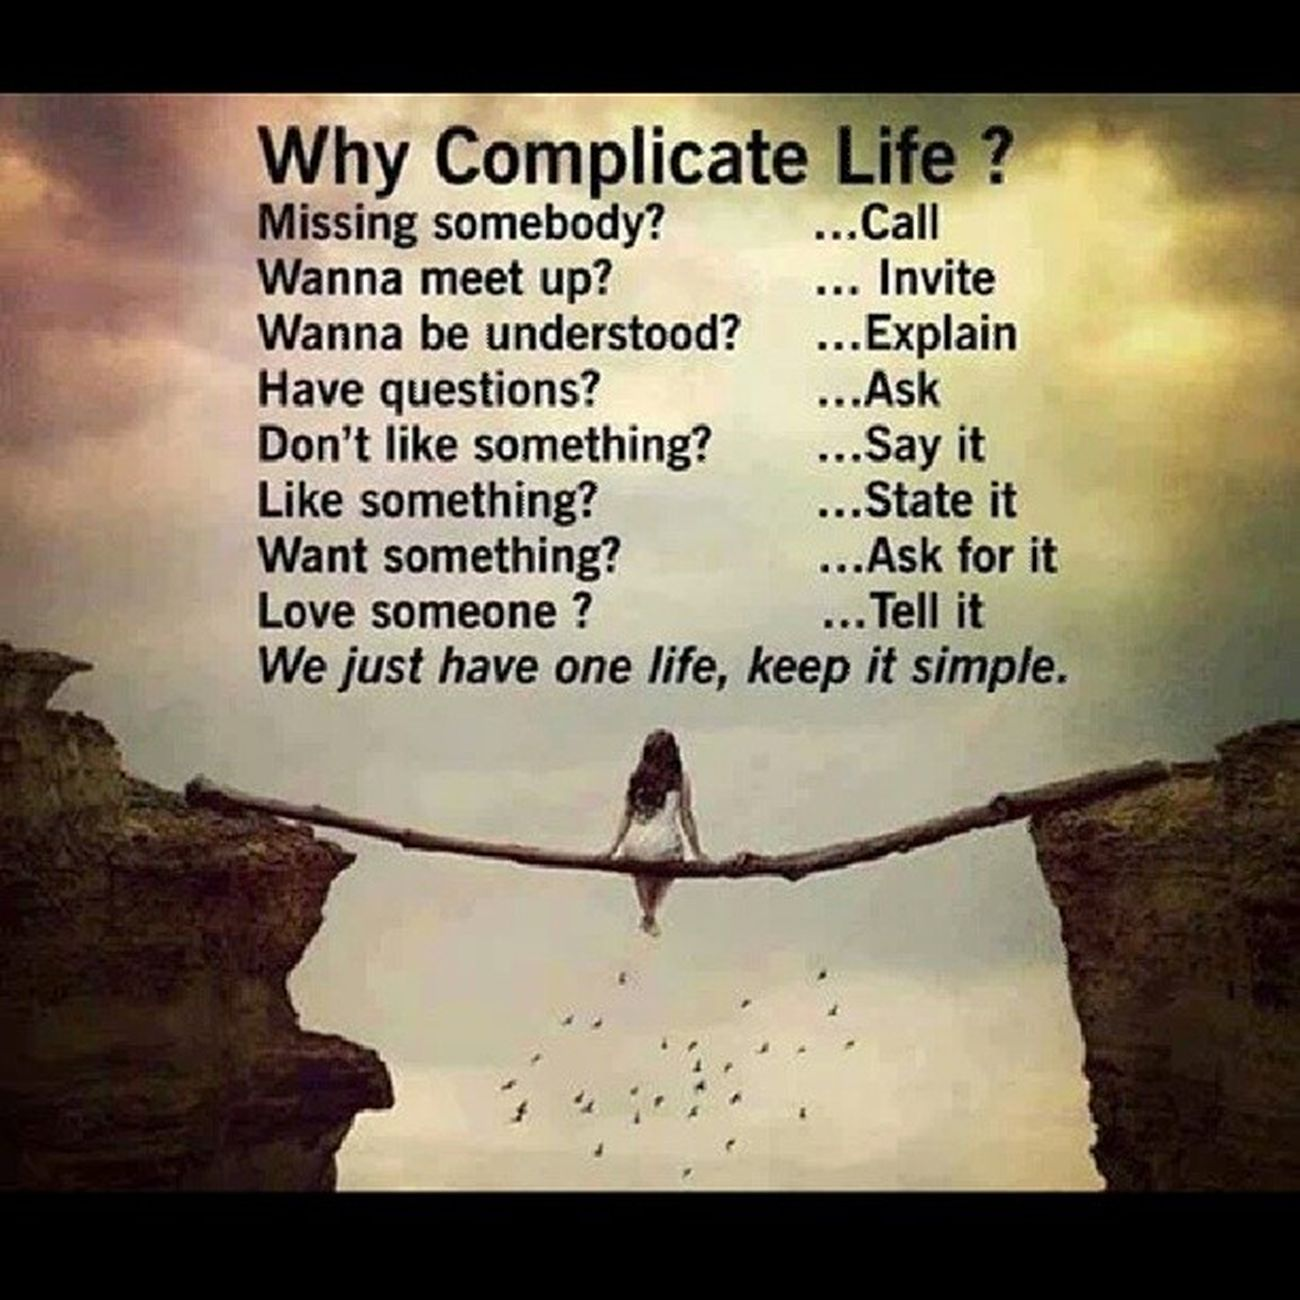 Make it simple people Dntbeindecisve